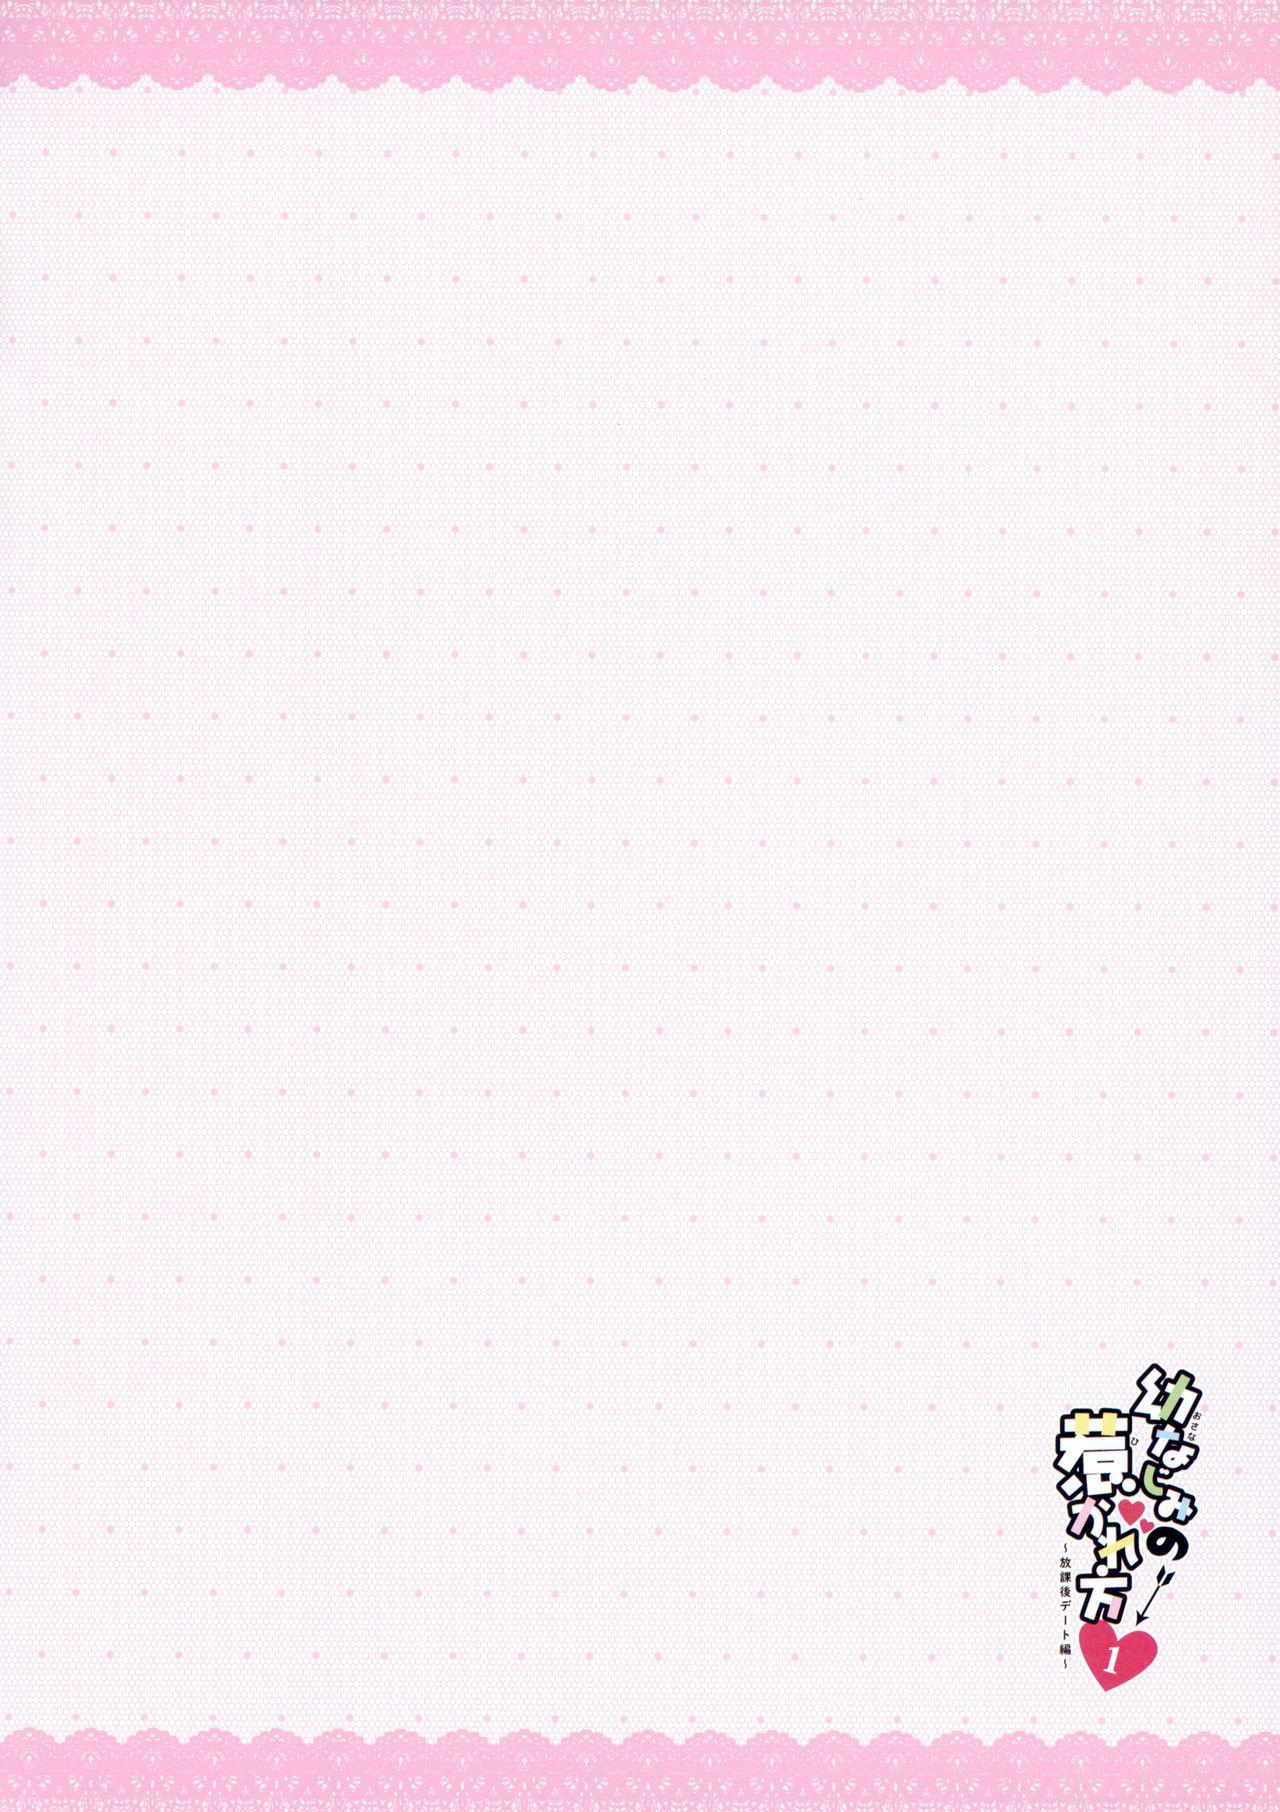 Osananajimi no Hikare Kata Houkago Date Hen 2